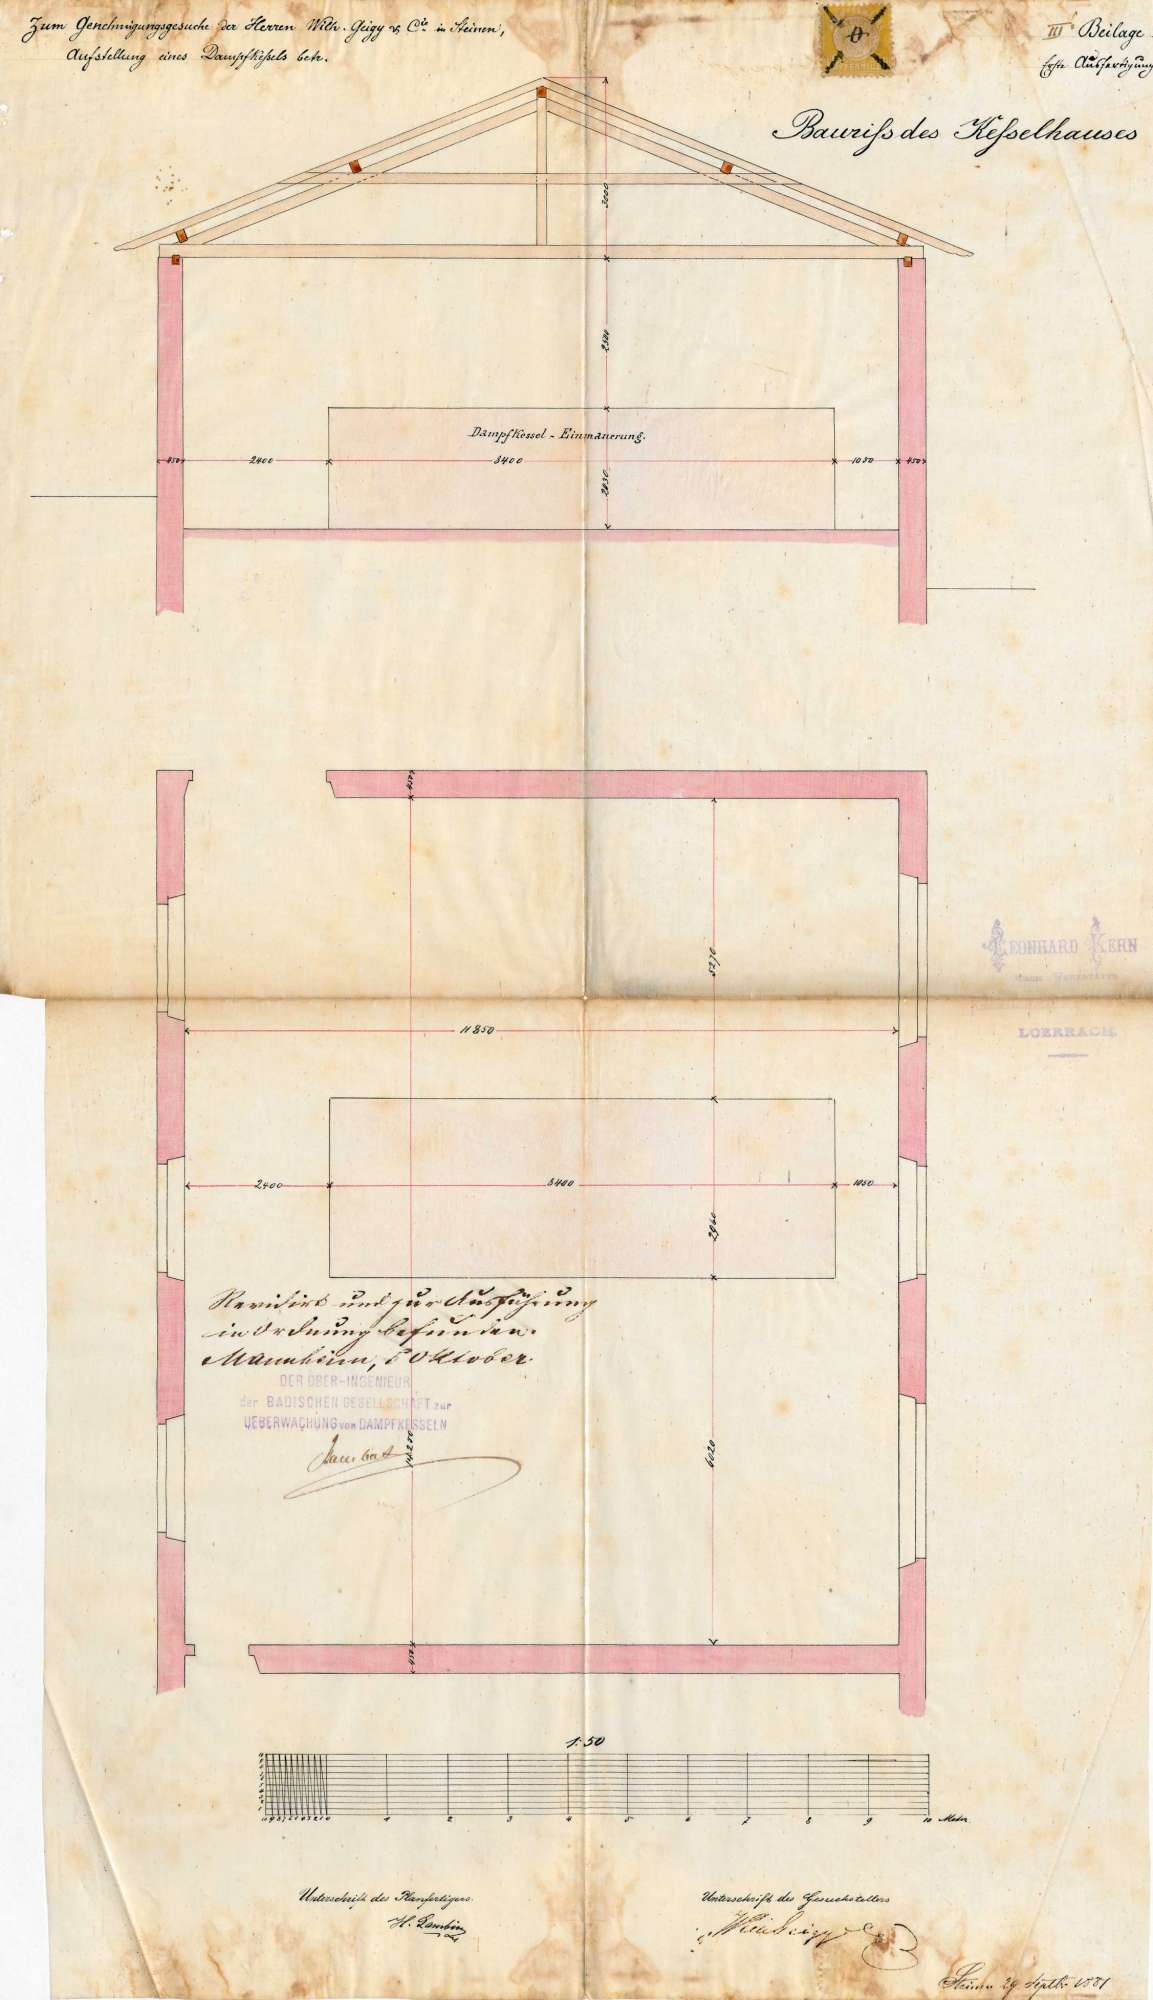 Gesuch der Fa. Wilhelm Geigy & Cie (später: Spinnerei und Weberei Steinen AG) um Genehmigung zur Anlegung eines Dampfkessels, Bild 3